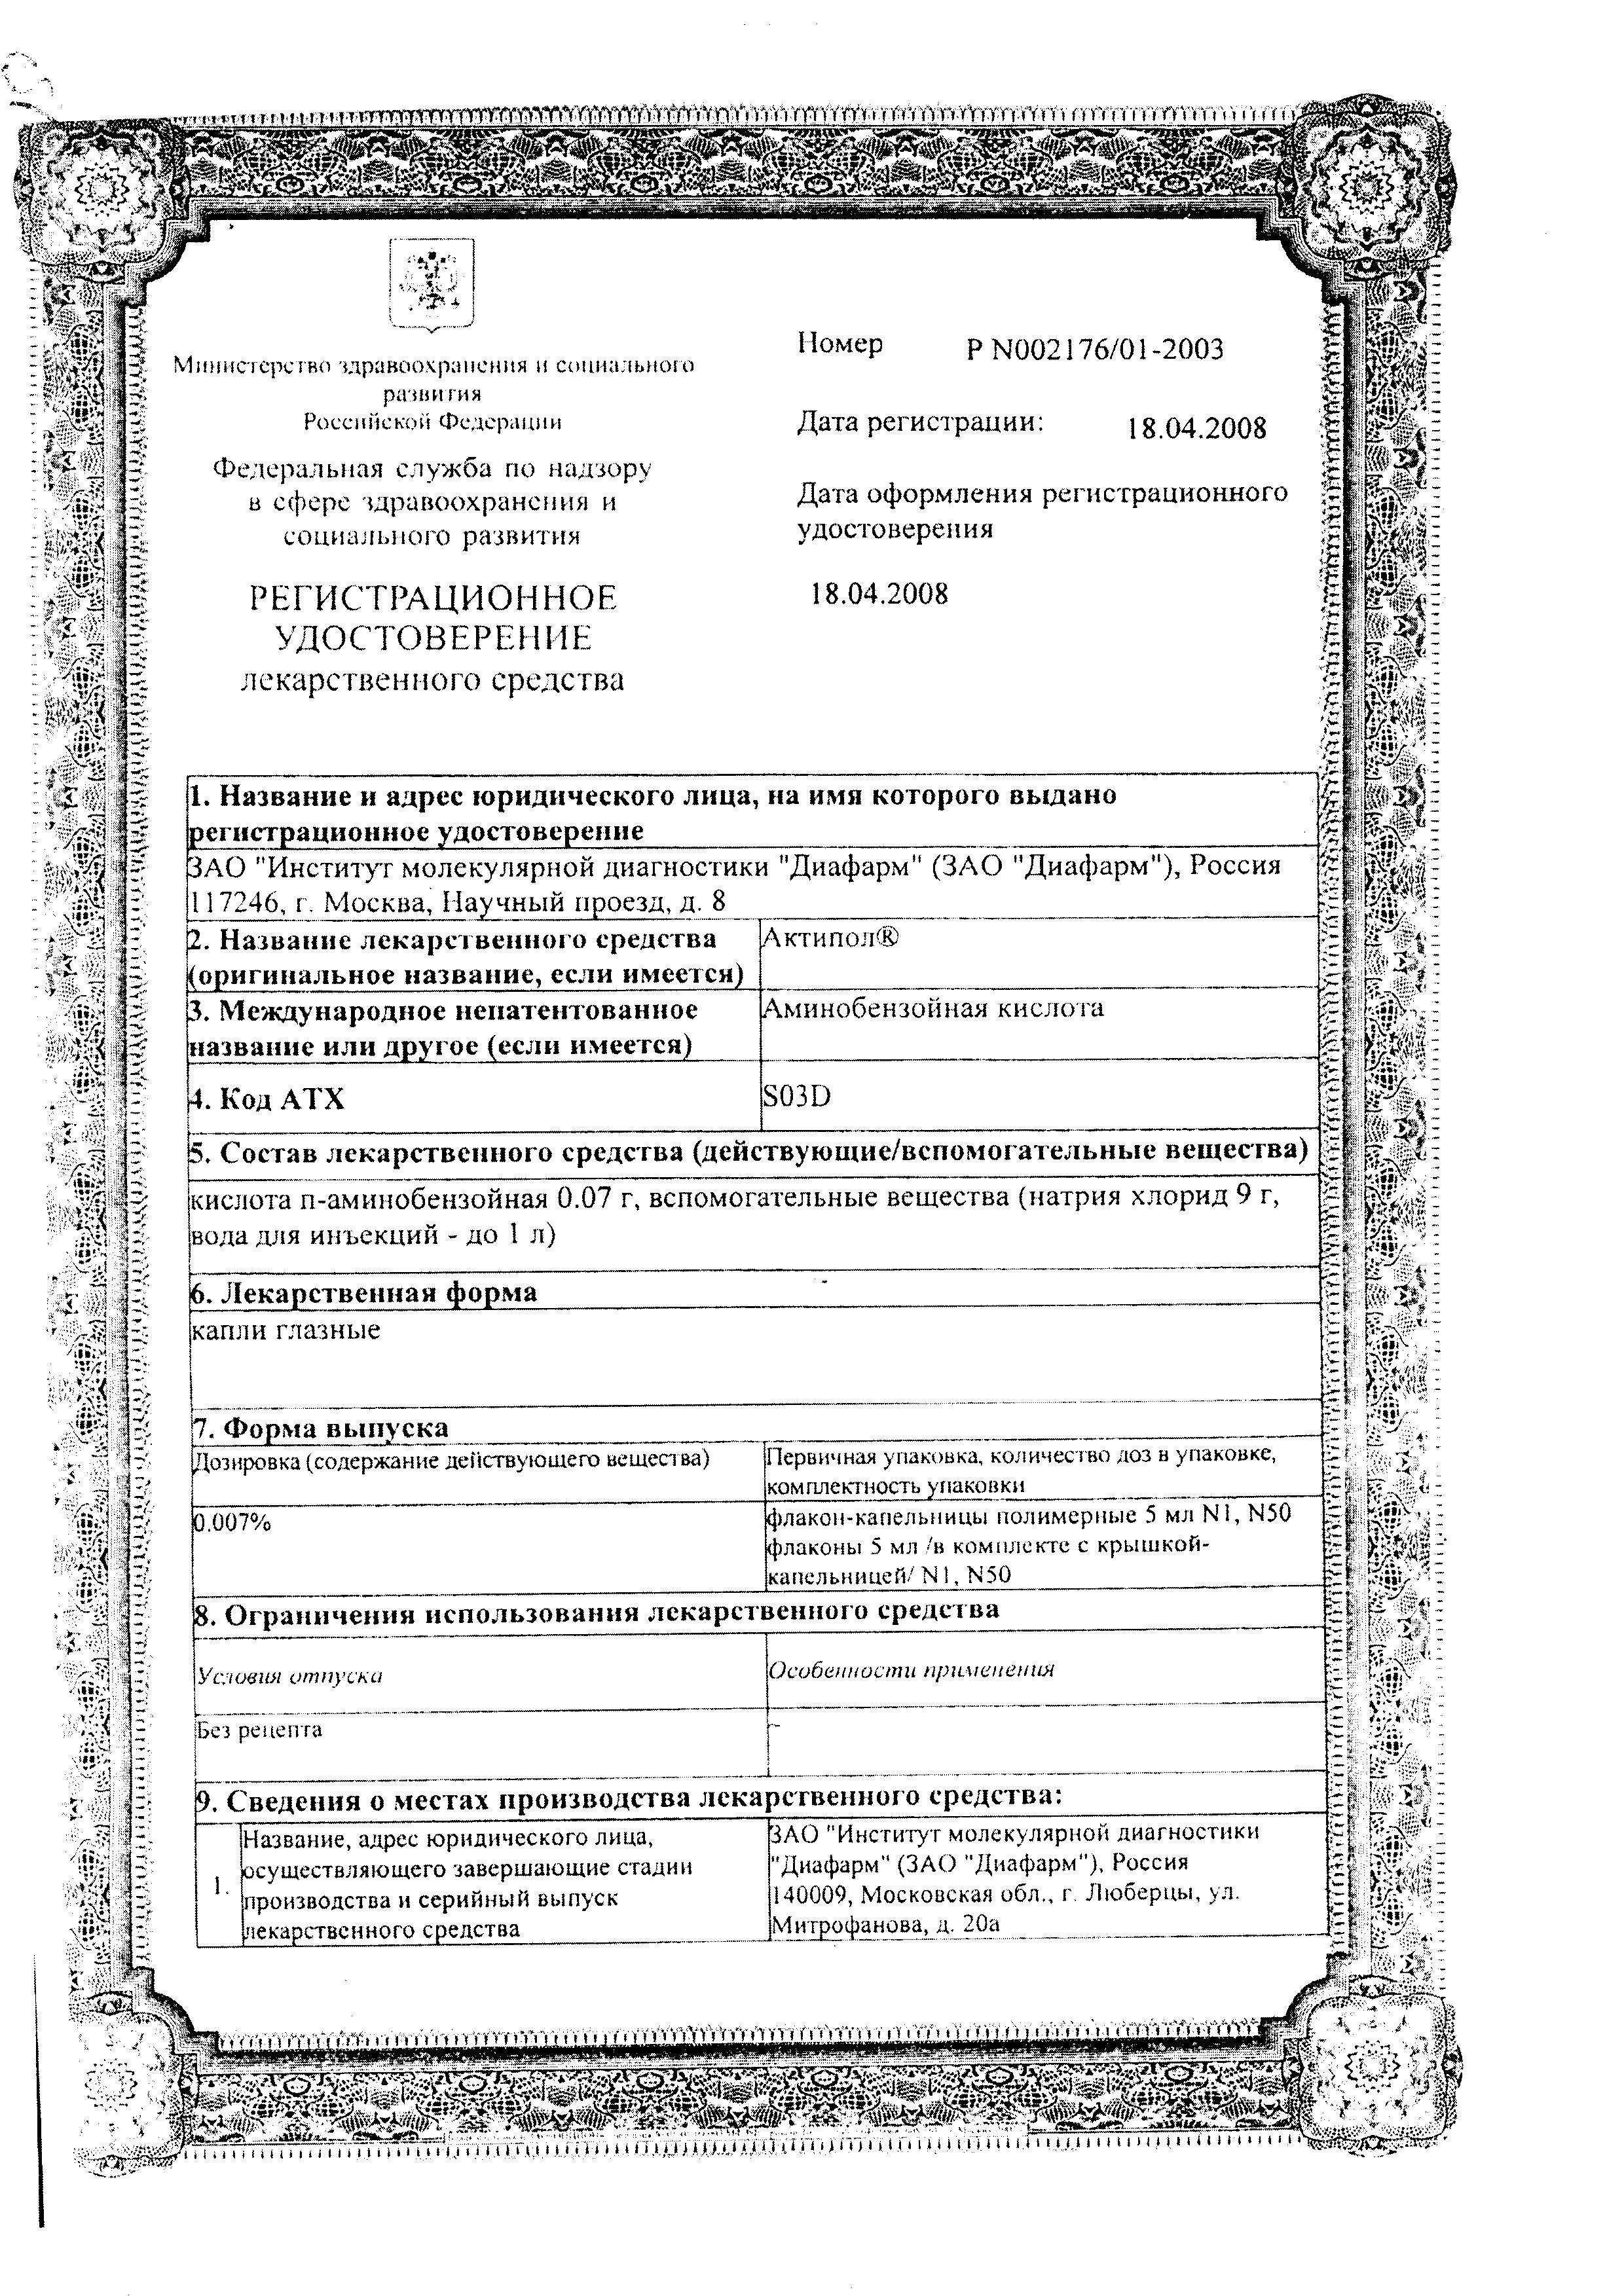 Актипол сертификат